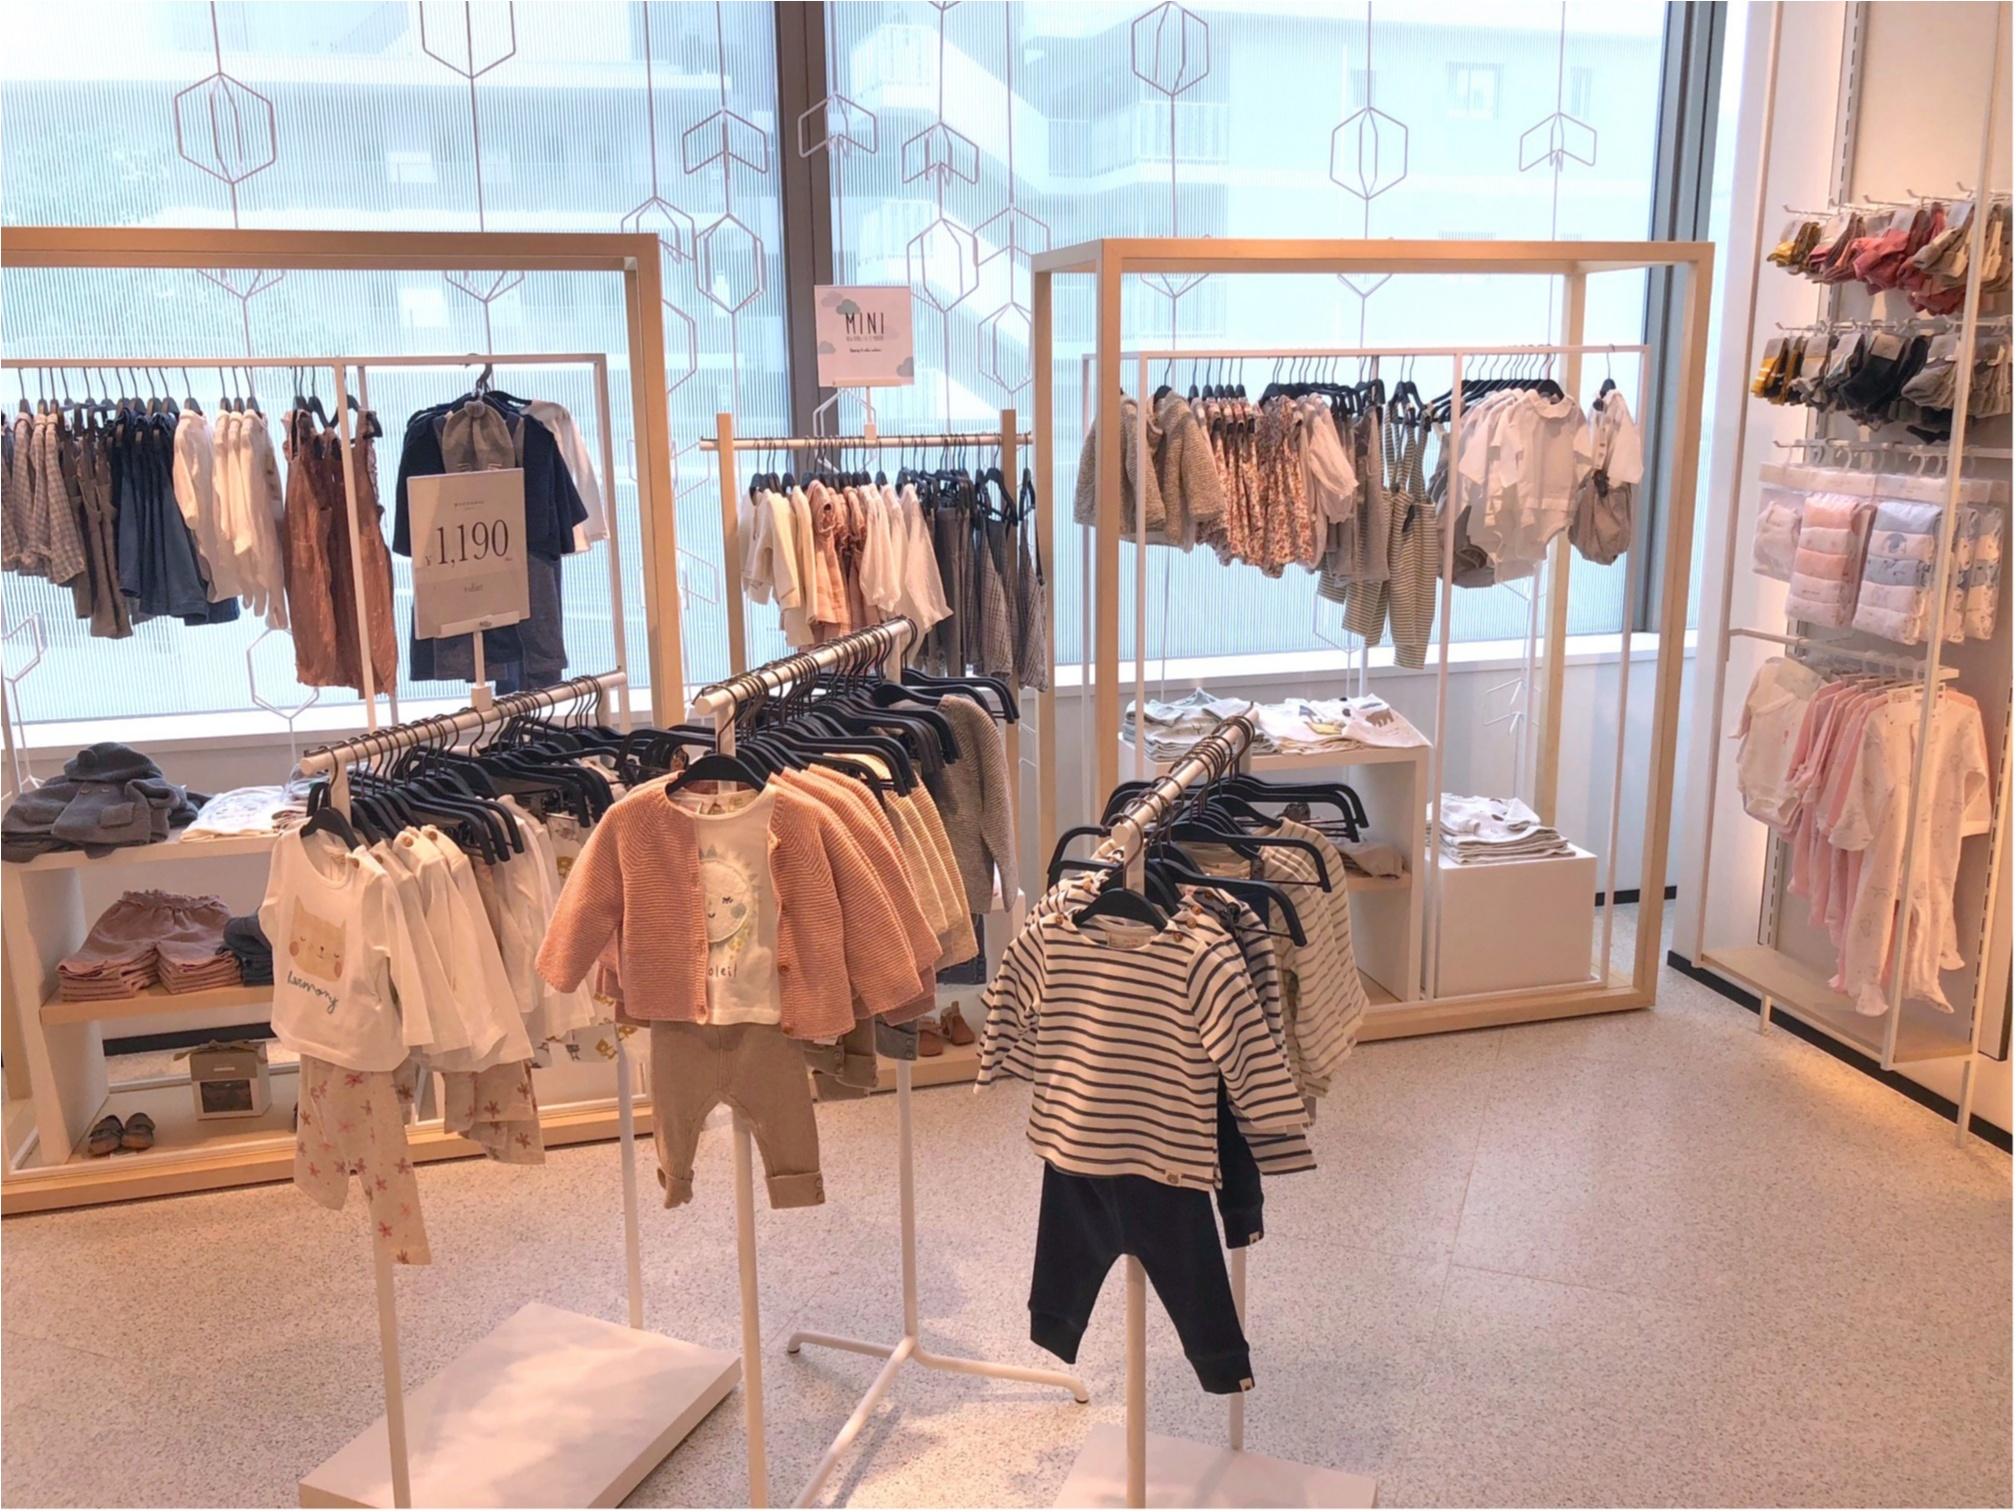 『ZARA 六本木店』リニューアルオープンで見つけたアイテム 記事Photo Gallery_1_19